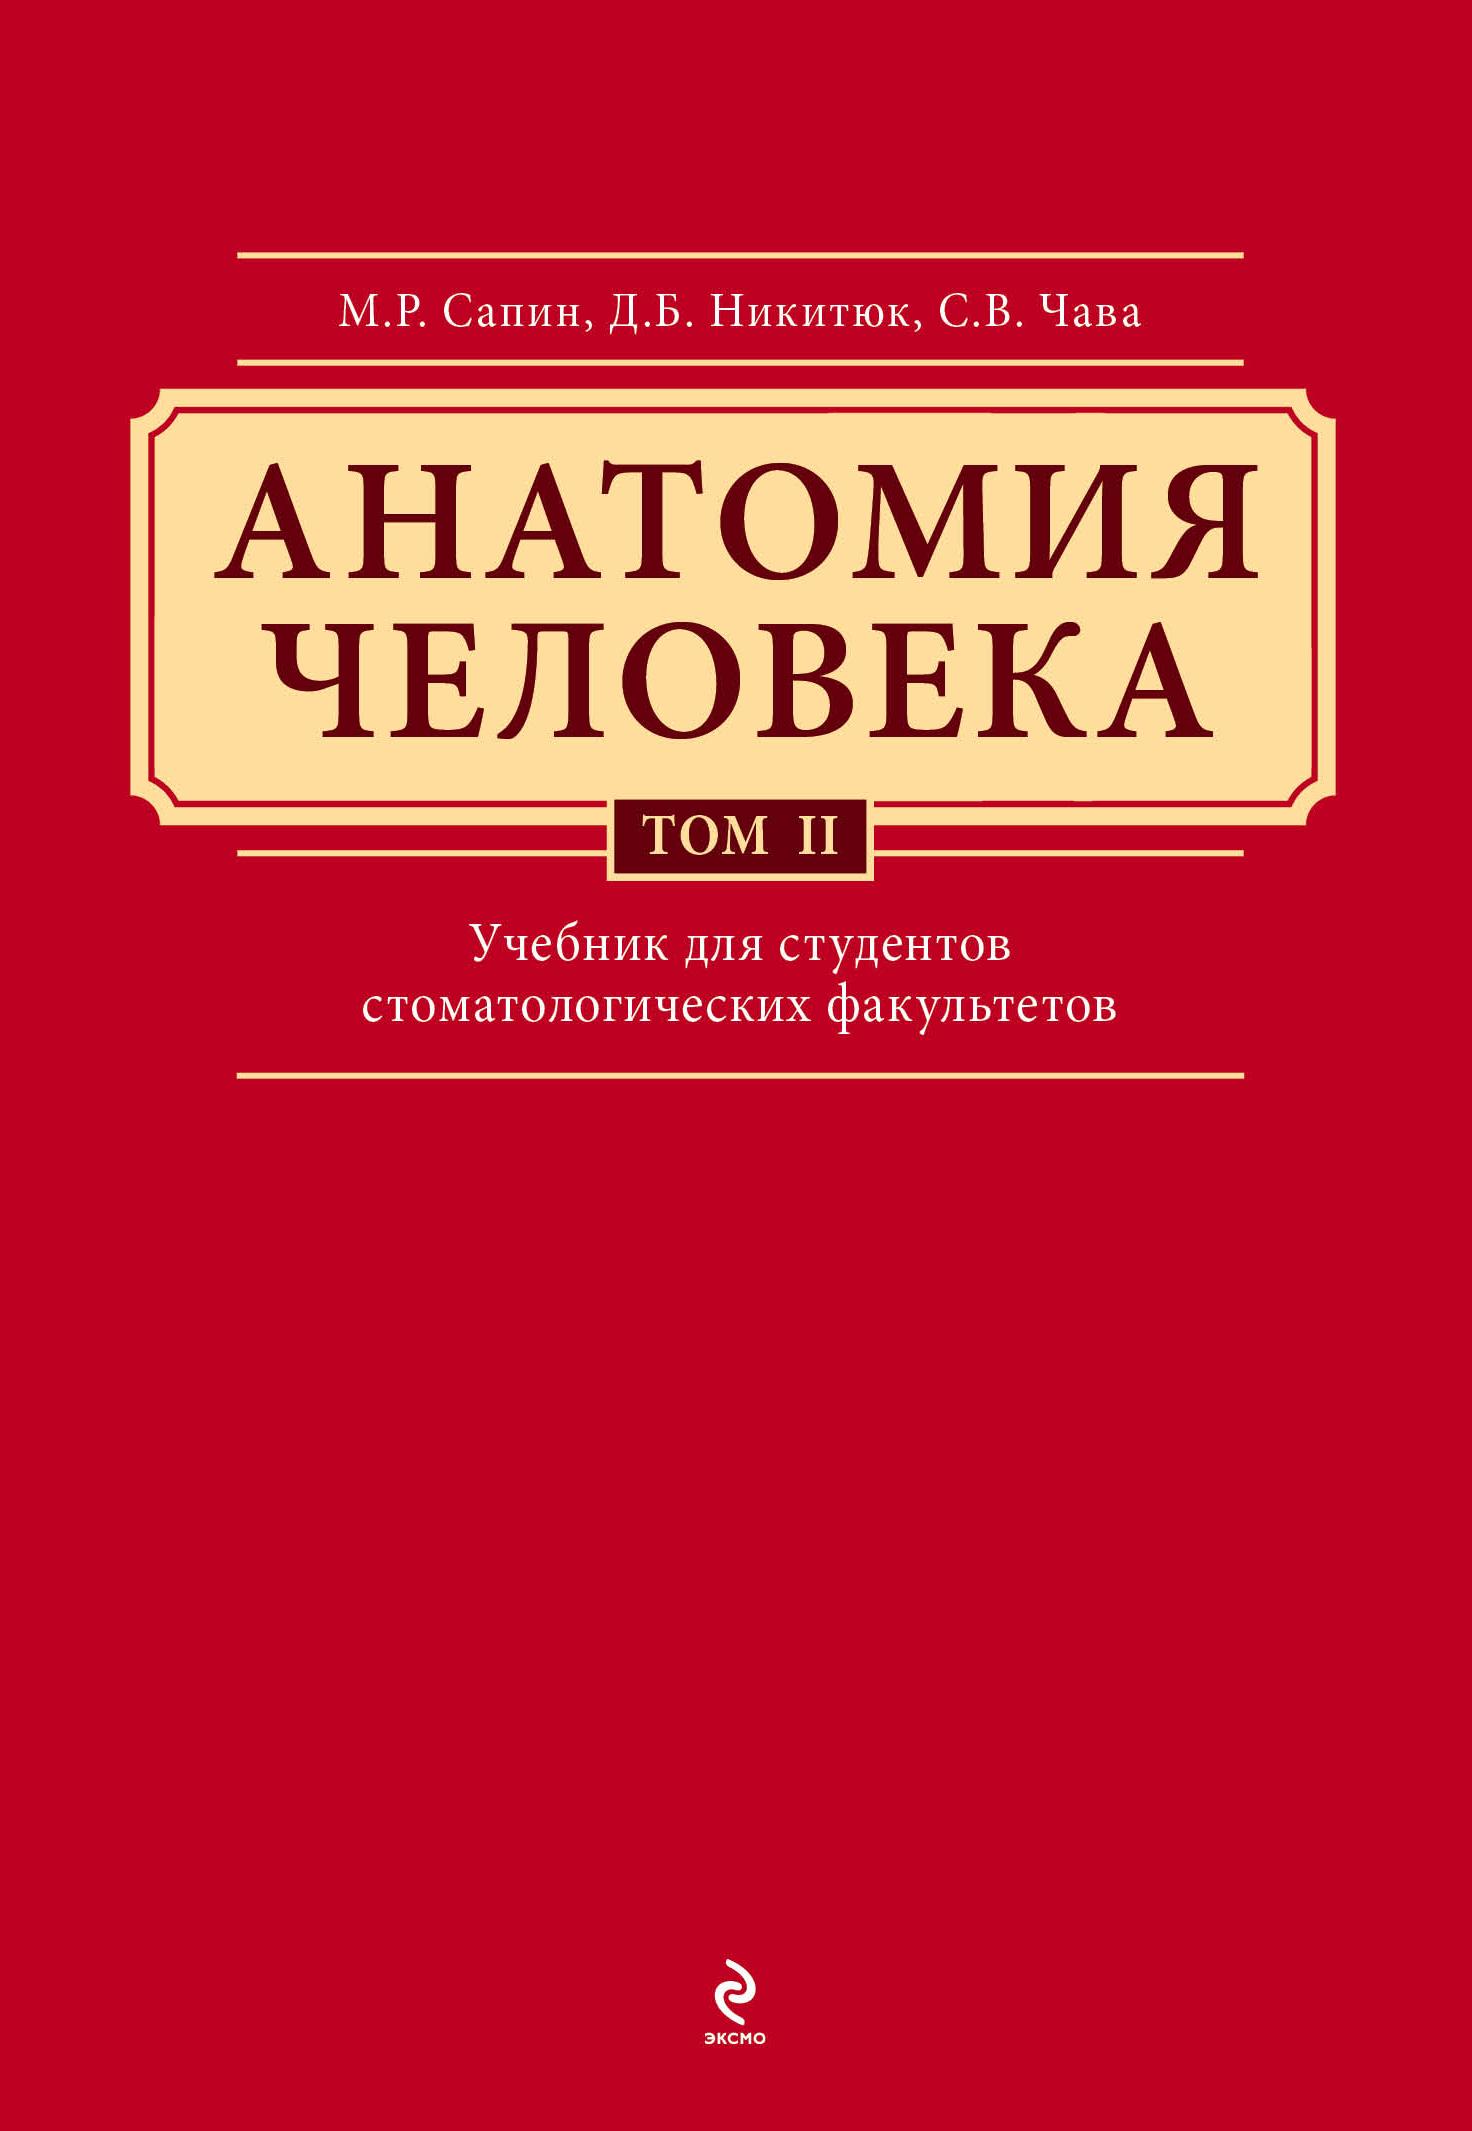 Анатомия человека. Учебник для студентов стоматологических факультетов в 3-х т. т. Том 2